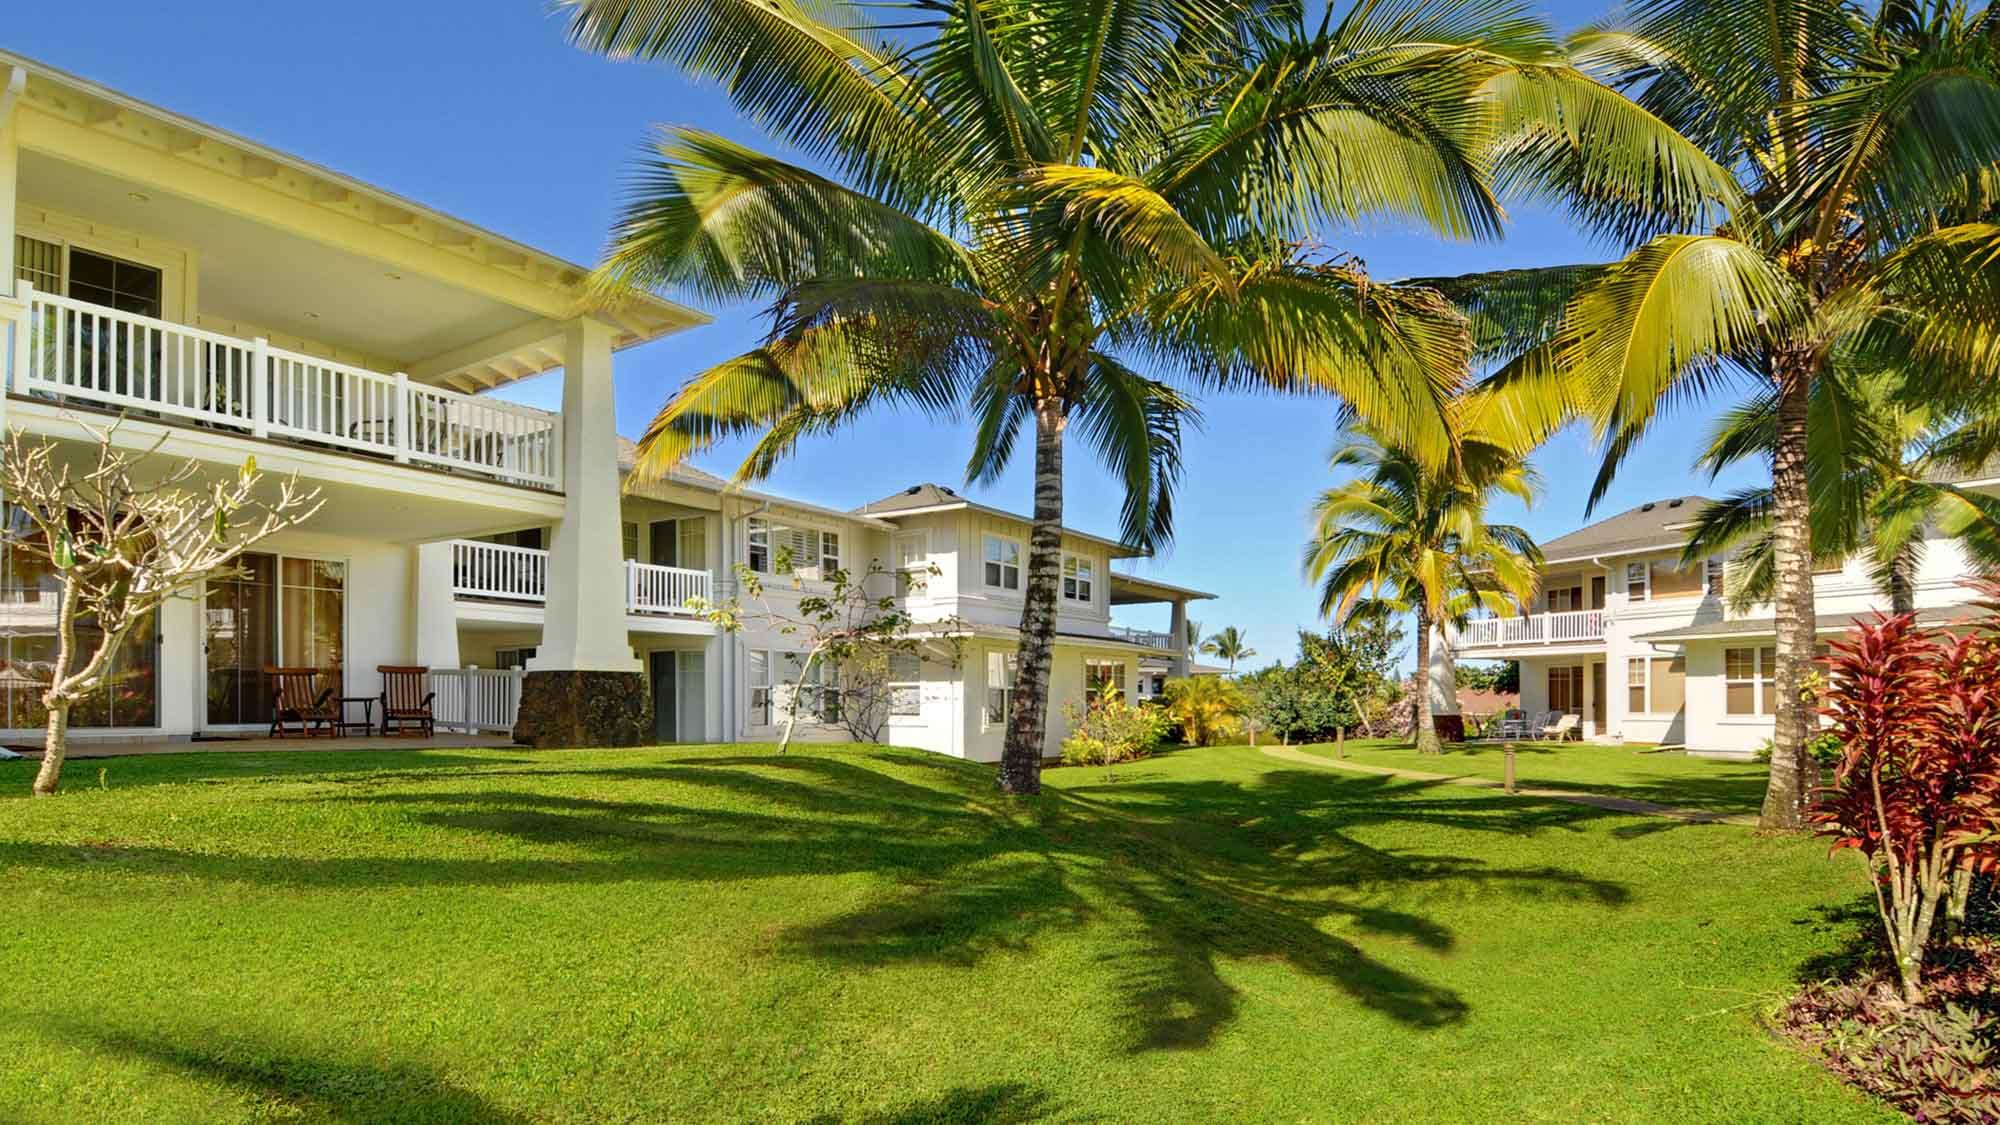 Plantation at Princeville - Lush Tropical Landscape - Parrish Kauai